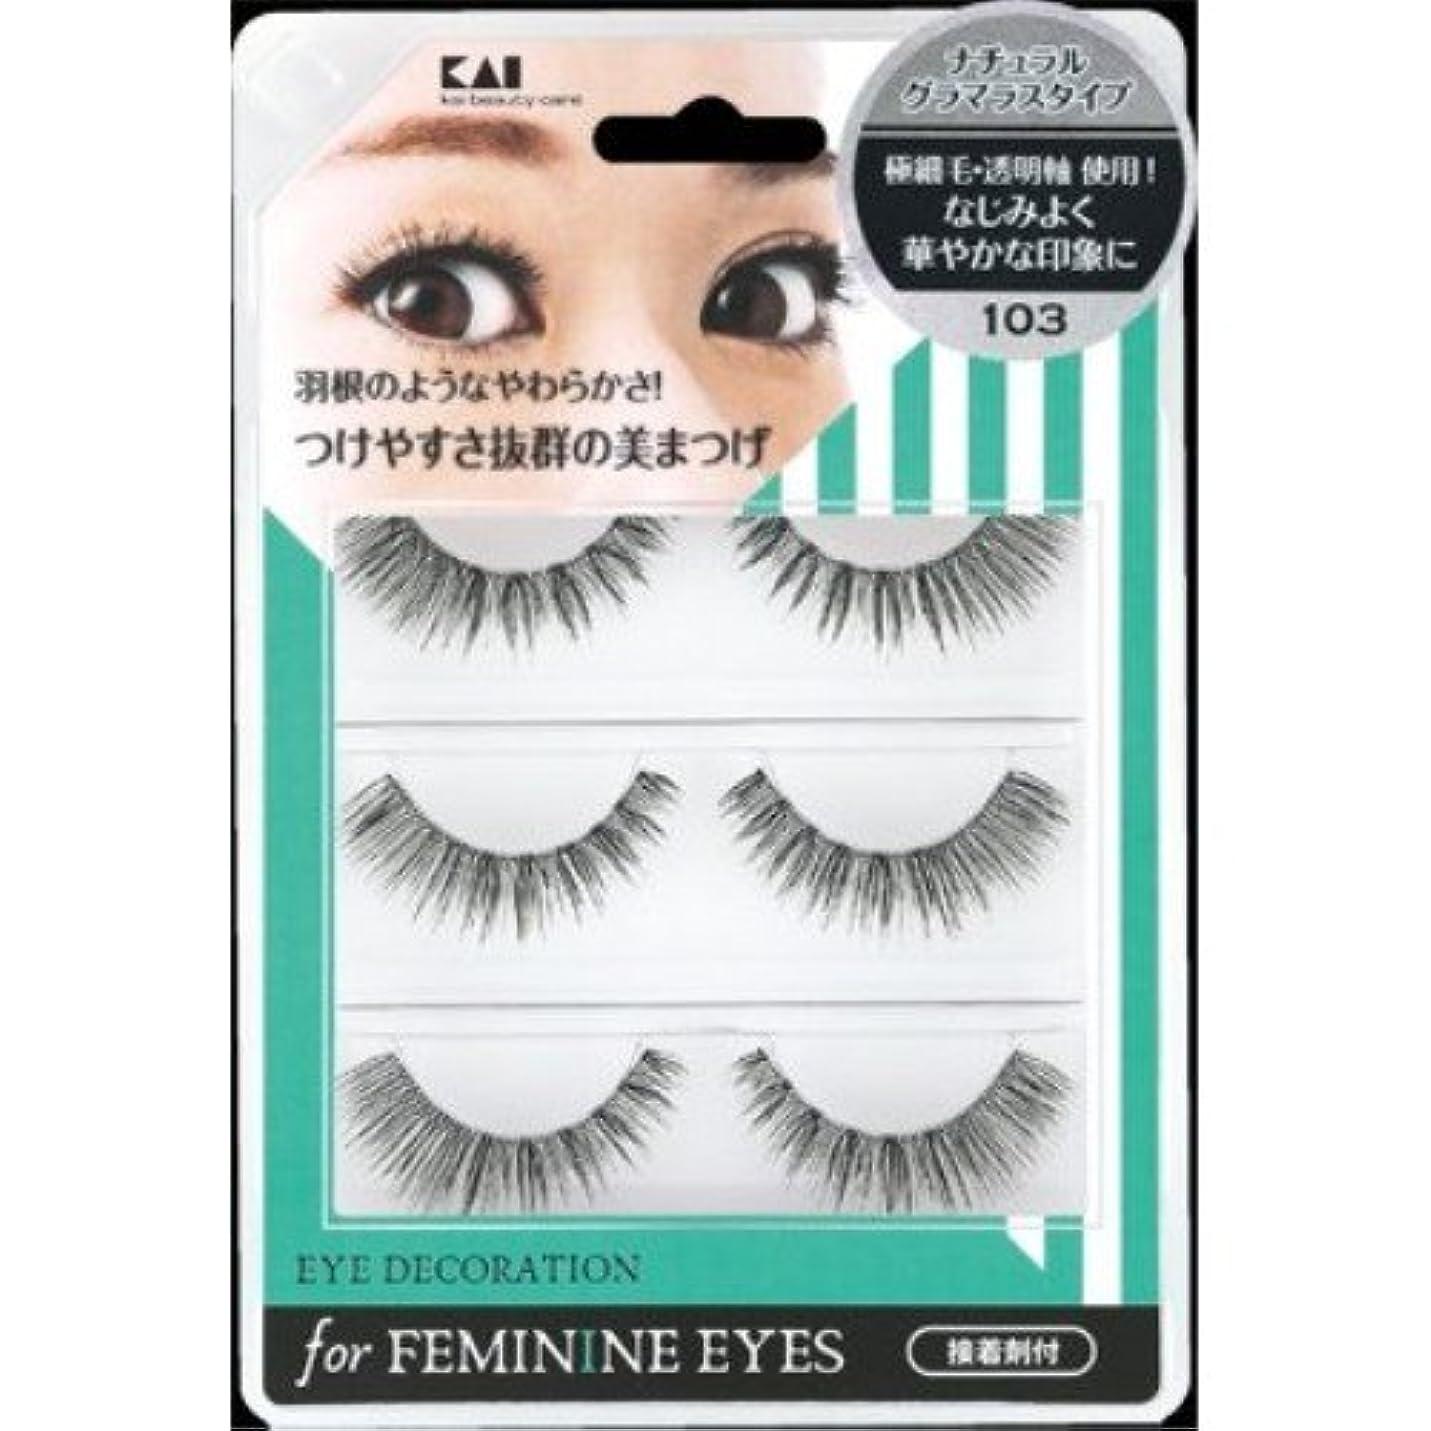 建設プーノ忠実貝印 アイデコレーション for feminine eyes 103 HC1557